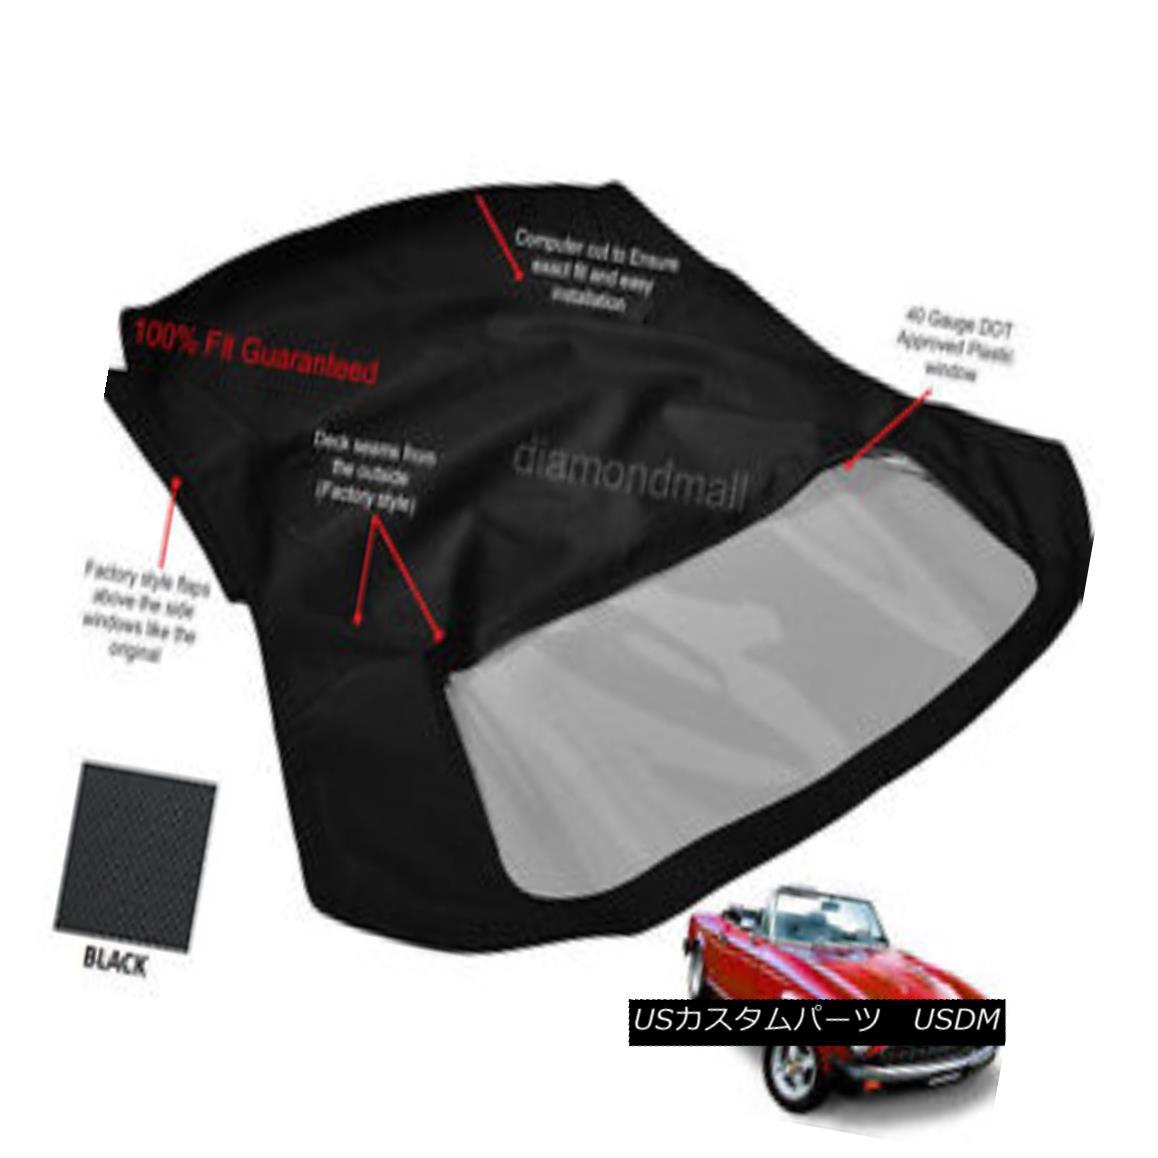 幌・ソフトトップ Fiat 124 Spider CS1,1600, 1800 Convertible Soft Top 1966-1979 Black Pinpoint フィアット124スパイダーCS1,1600,1800コンバーチブルソフトトップ1966-1979ブラックピンポイント